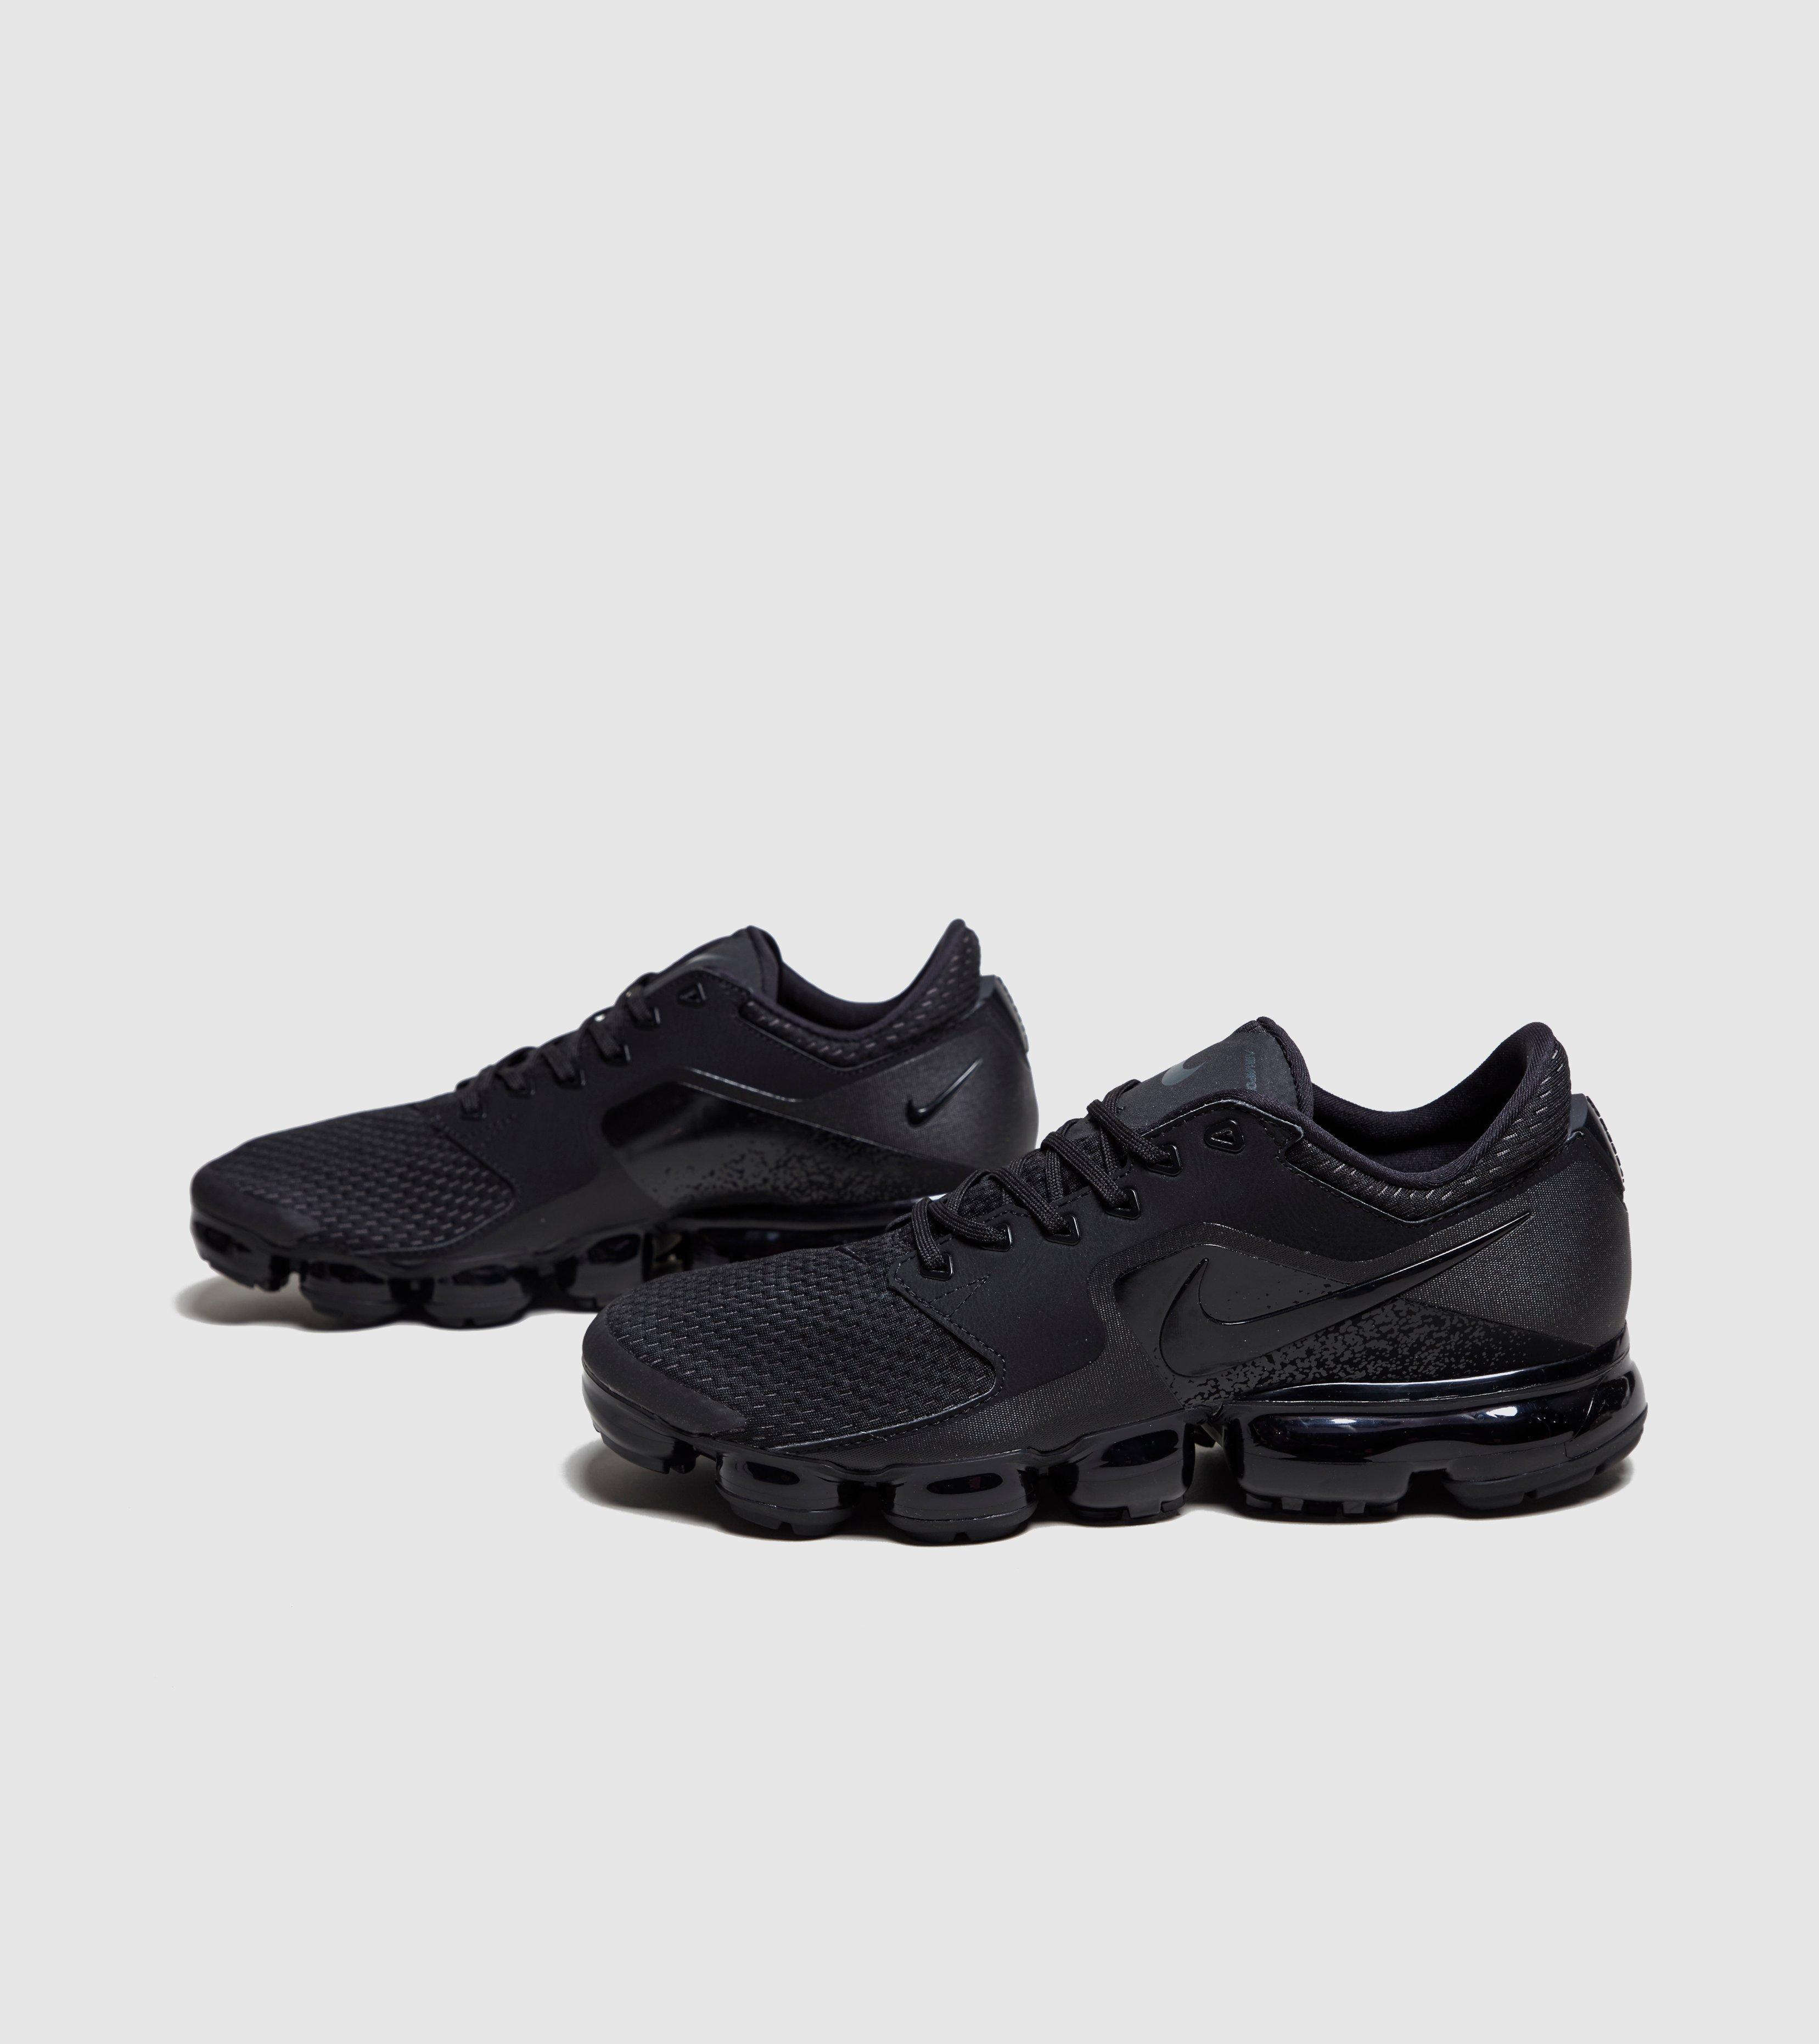 dff291fb6b9c Lyst - Nike Air Vapormax Mesh in Black for Men